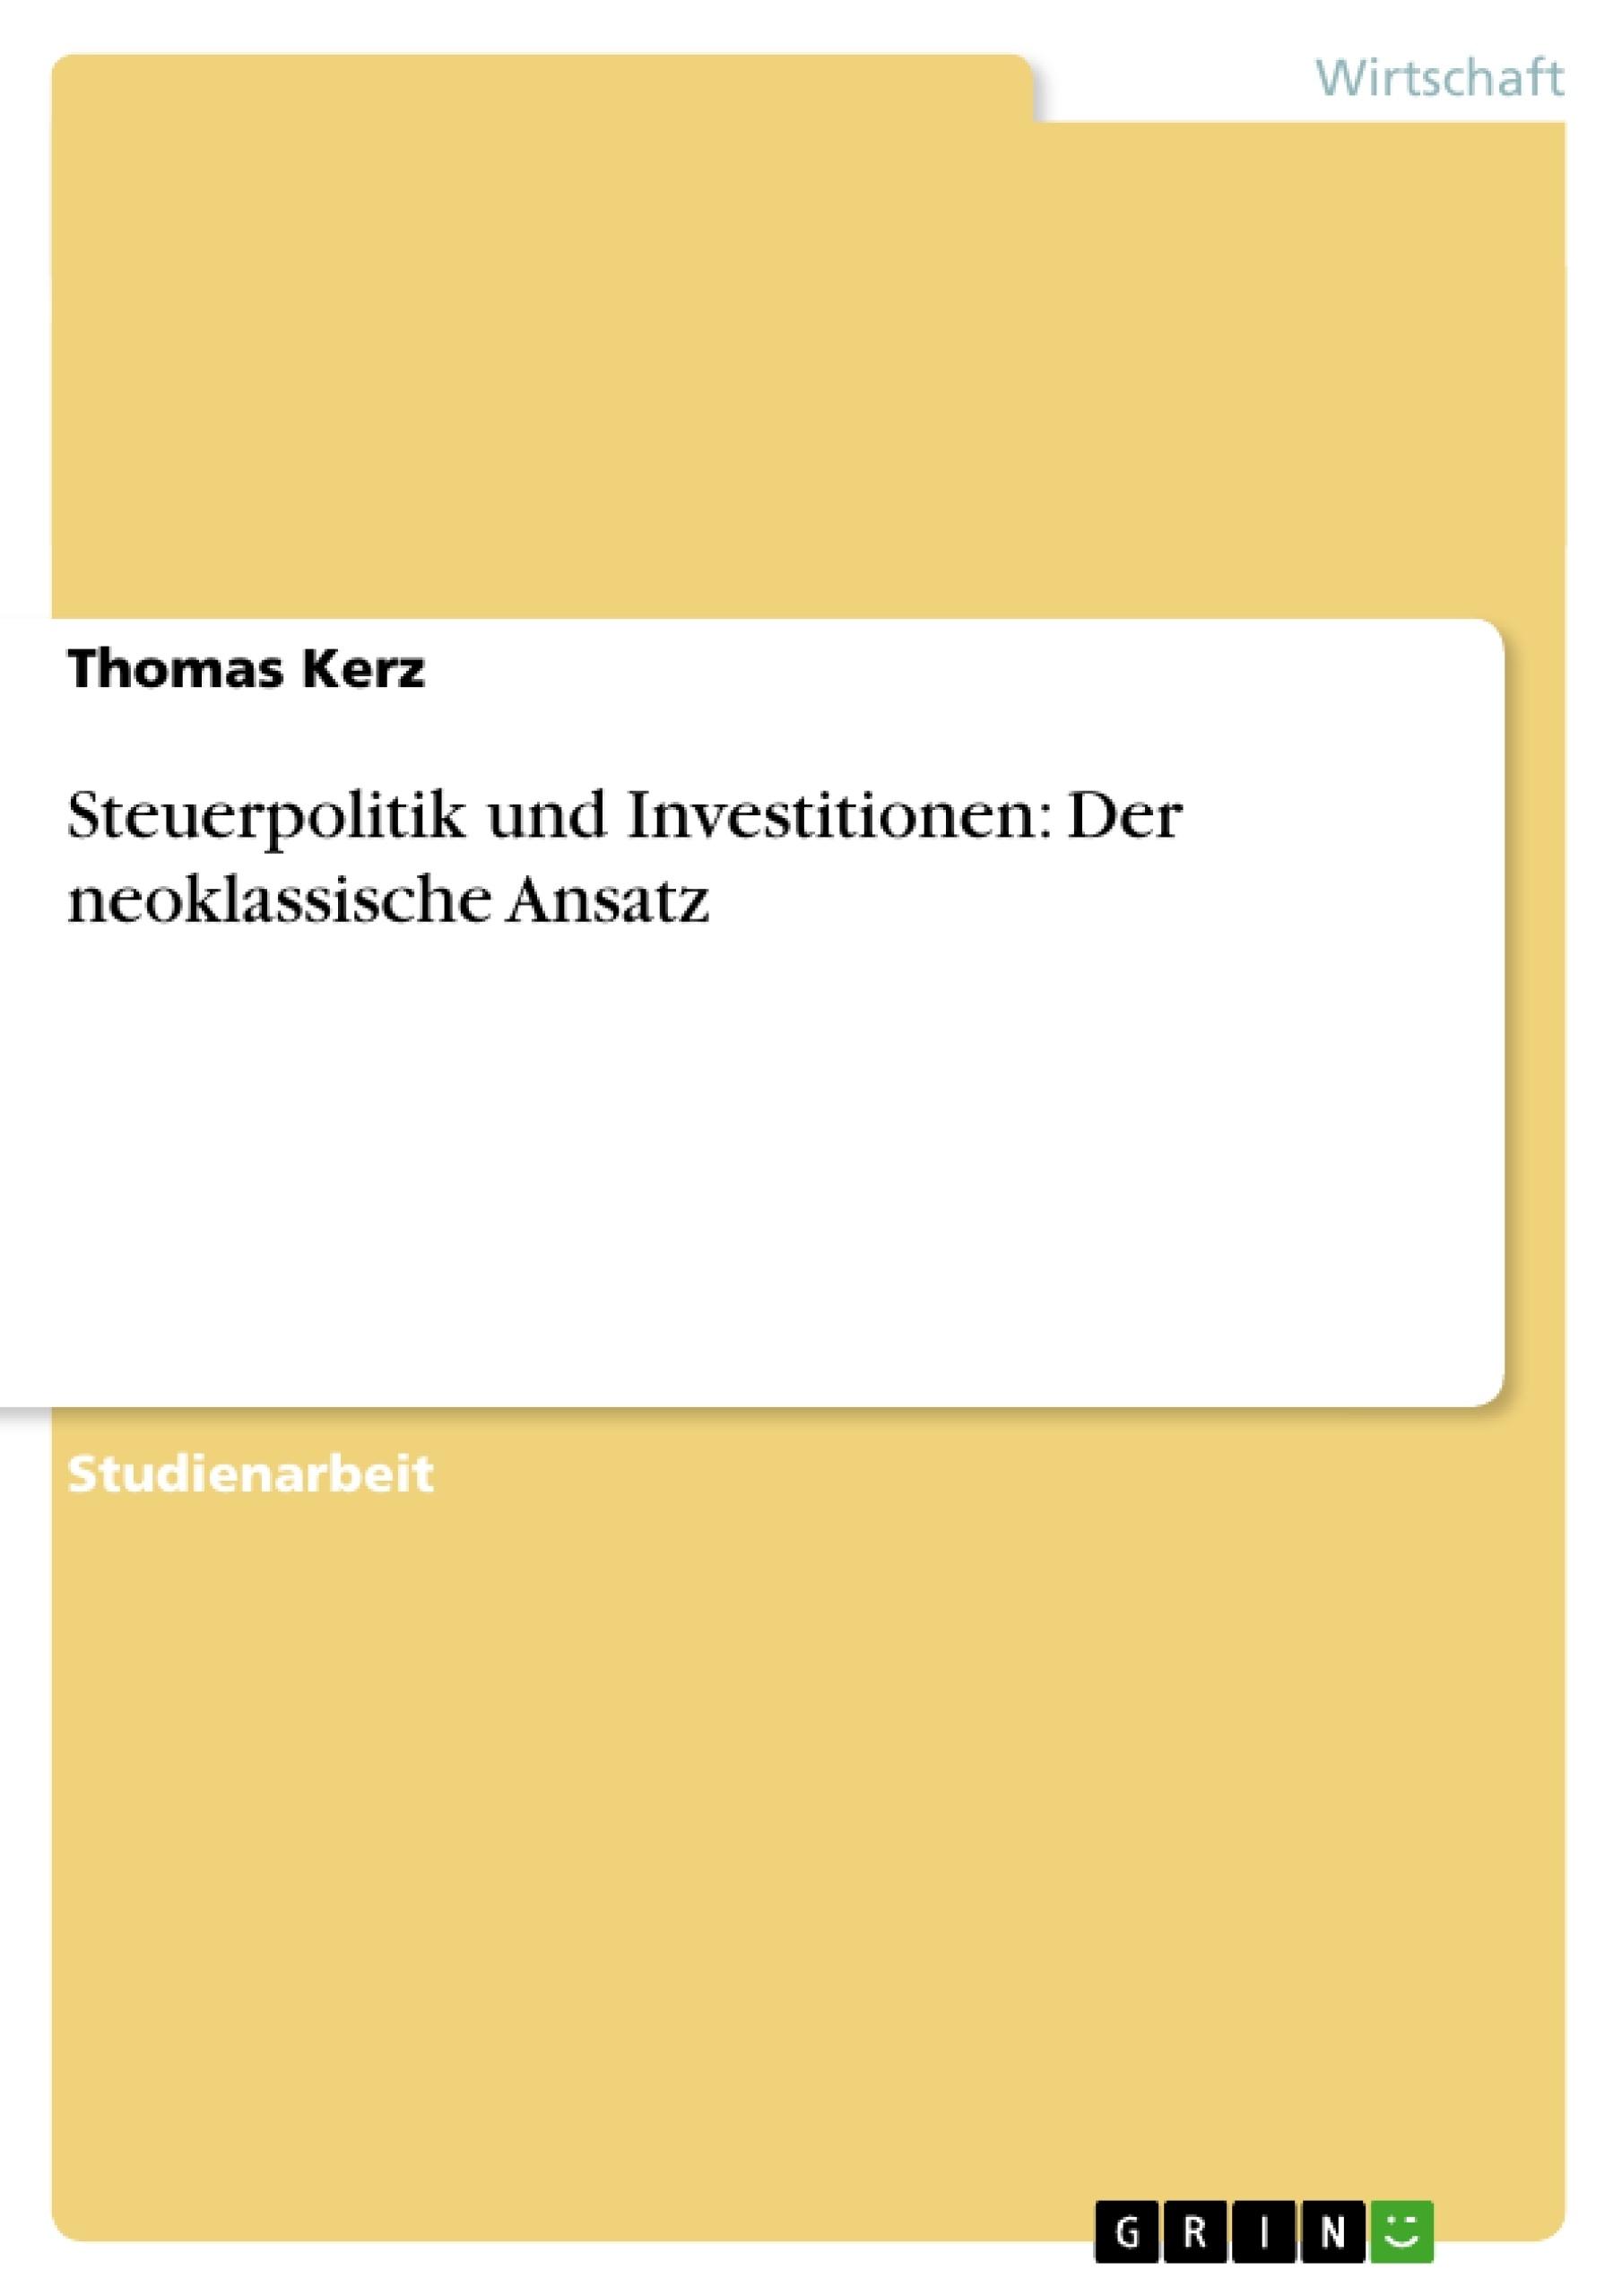 Titel: Steuerpolitik und Investitionen: Der neoklassische Ansatz